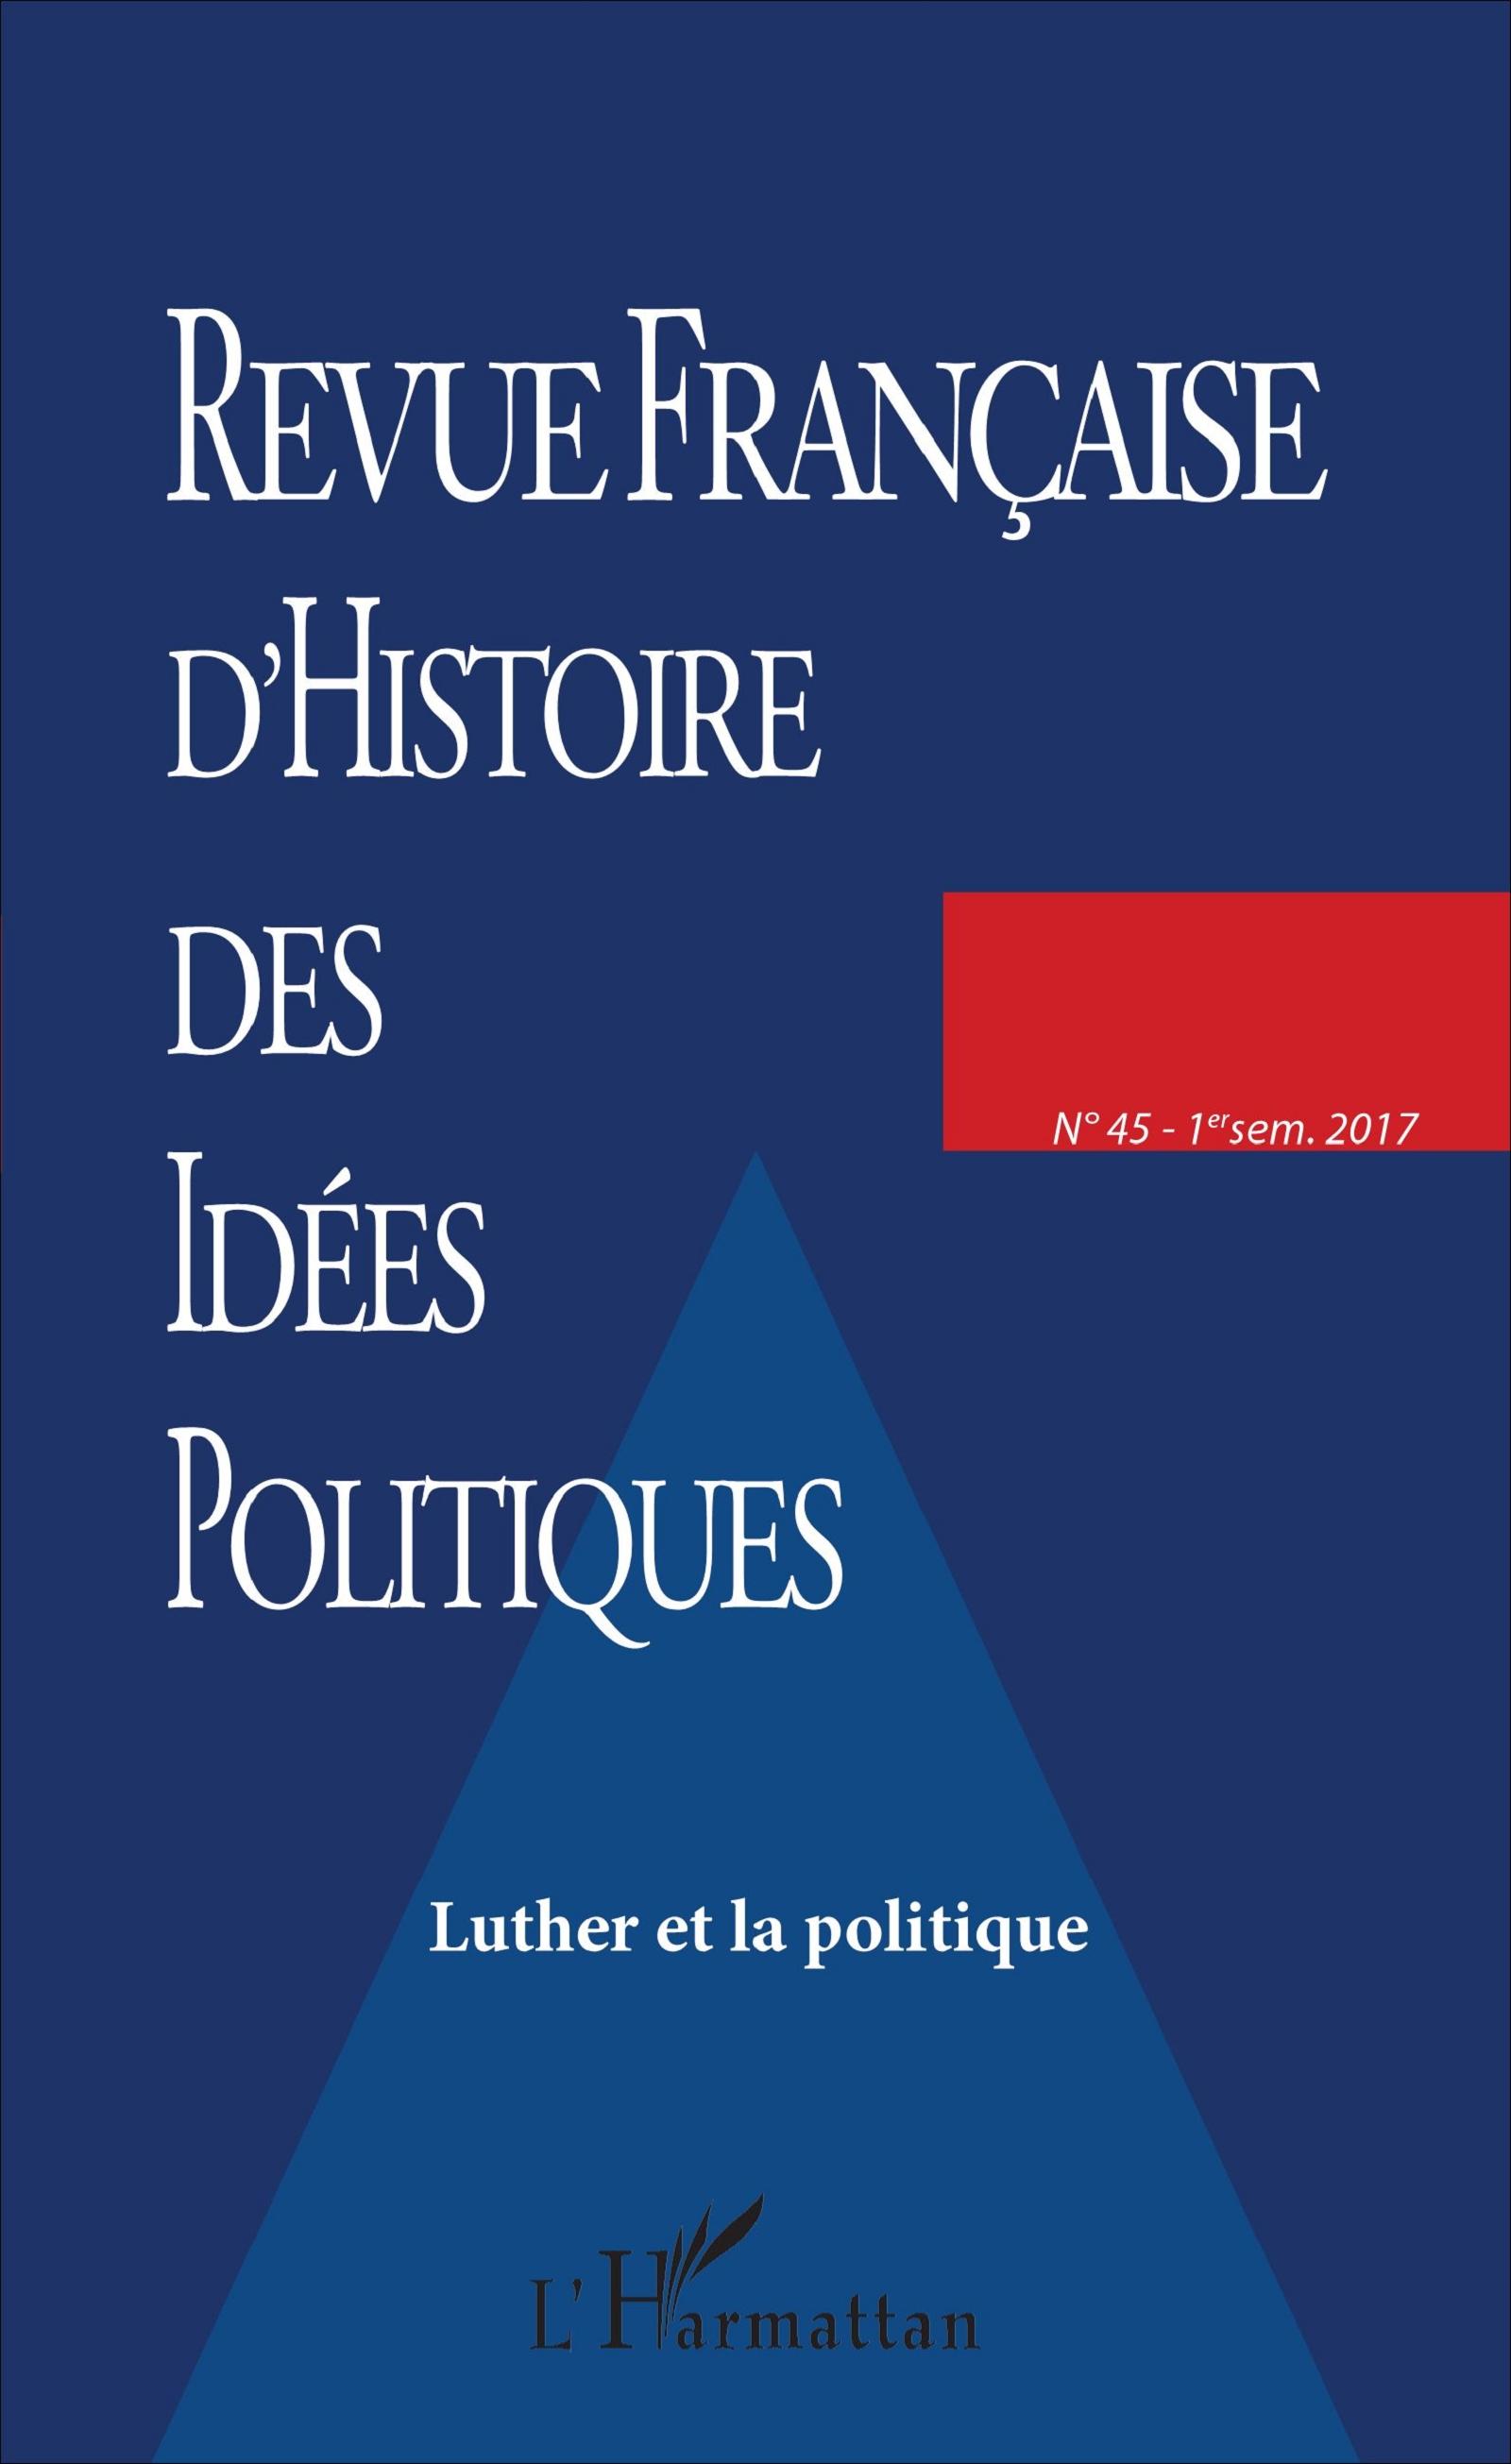 REVUE FRANCAISE D'HISTOIRE DES IDEES POLITIQUES